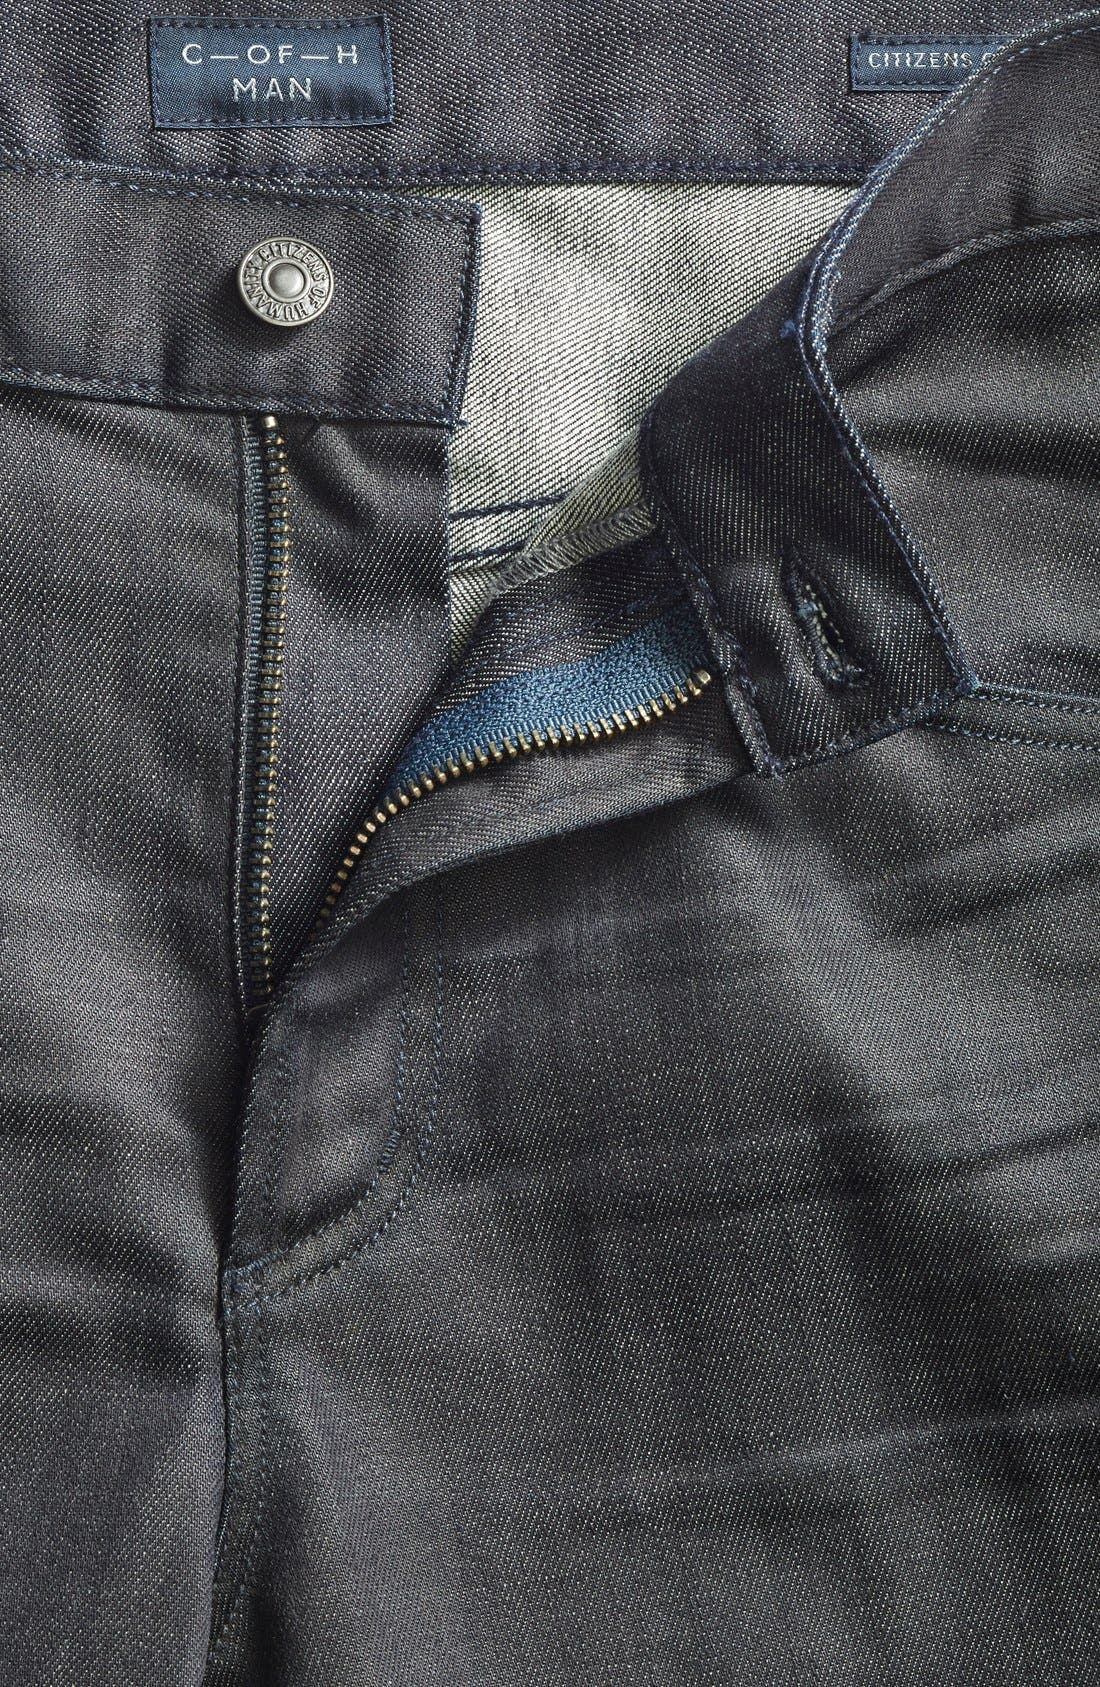 'Core' Slim Fit Jeans,                             Alternate thumbnail 5, color,                             PRESTIGE